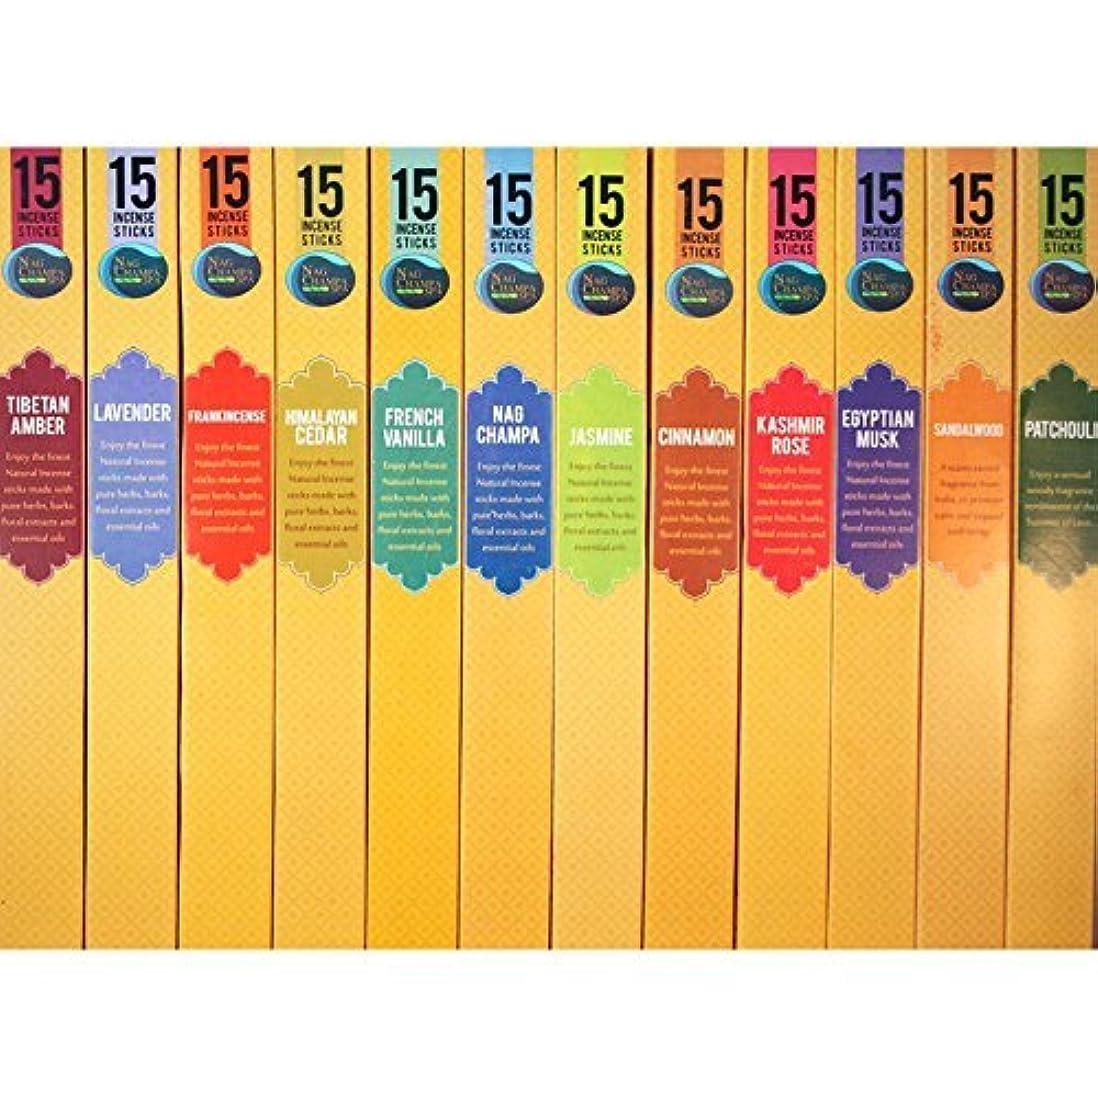 飛行機ボイラー結核Spa Nag Champa Incense人気Fragrances Sampler – 12ボックス(15 Sticks Ea) Nag Champa、サンダルウッド、パチュリ、ラベンダー、ジャスミン、ムスクFrankincense...